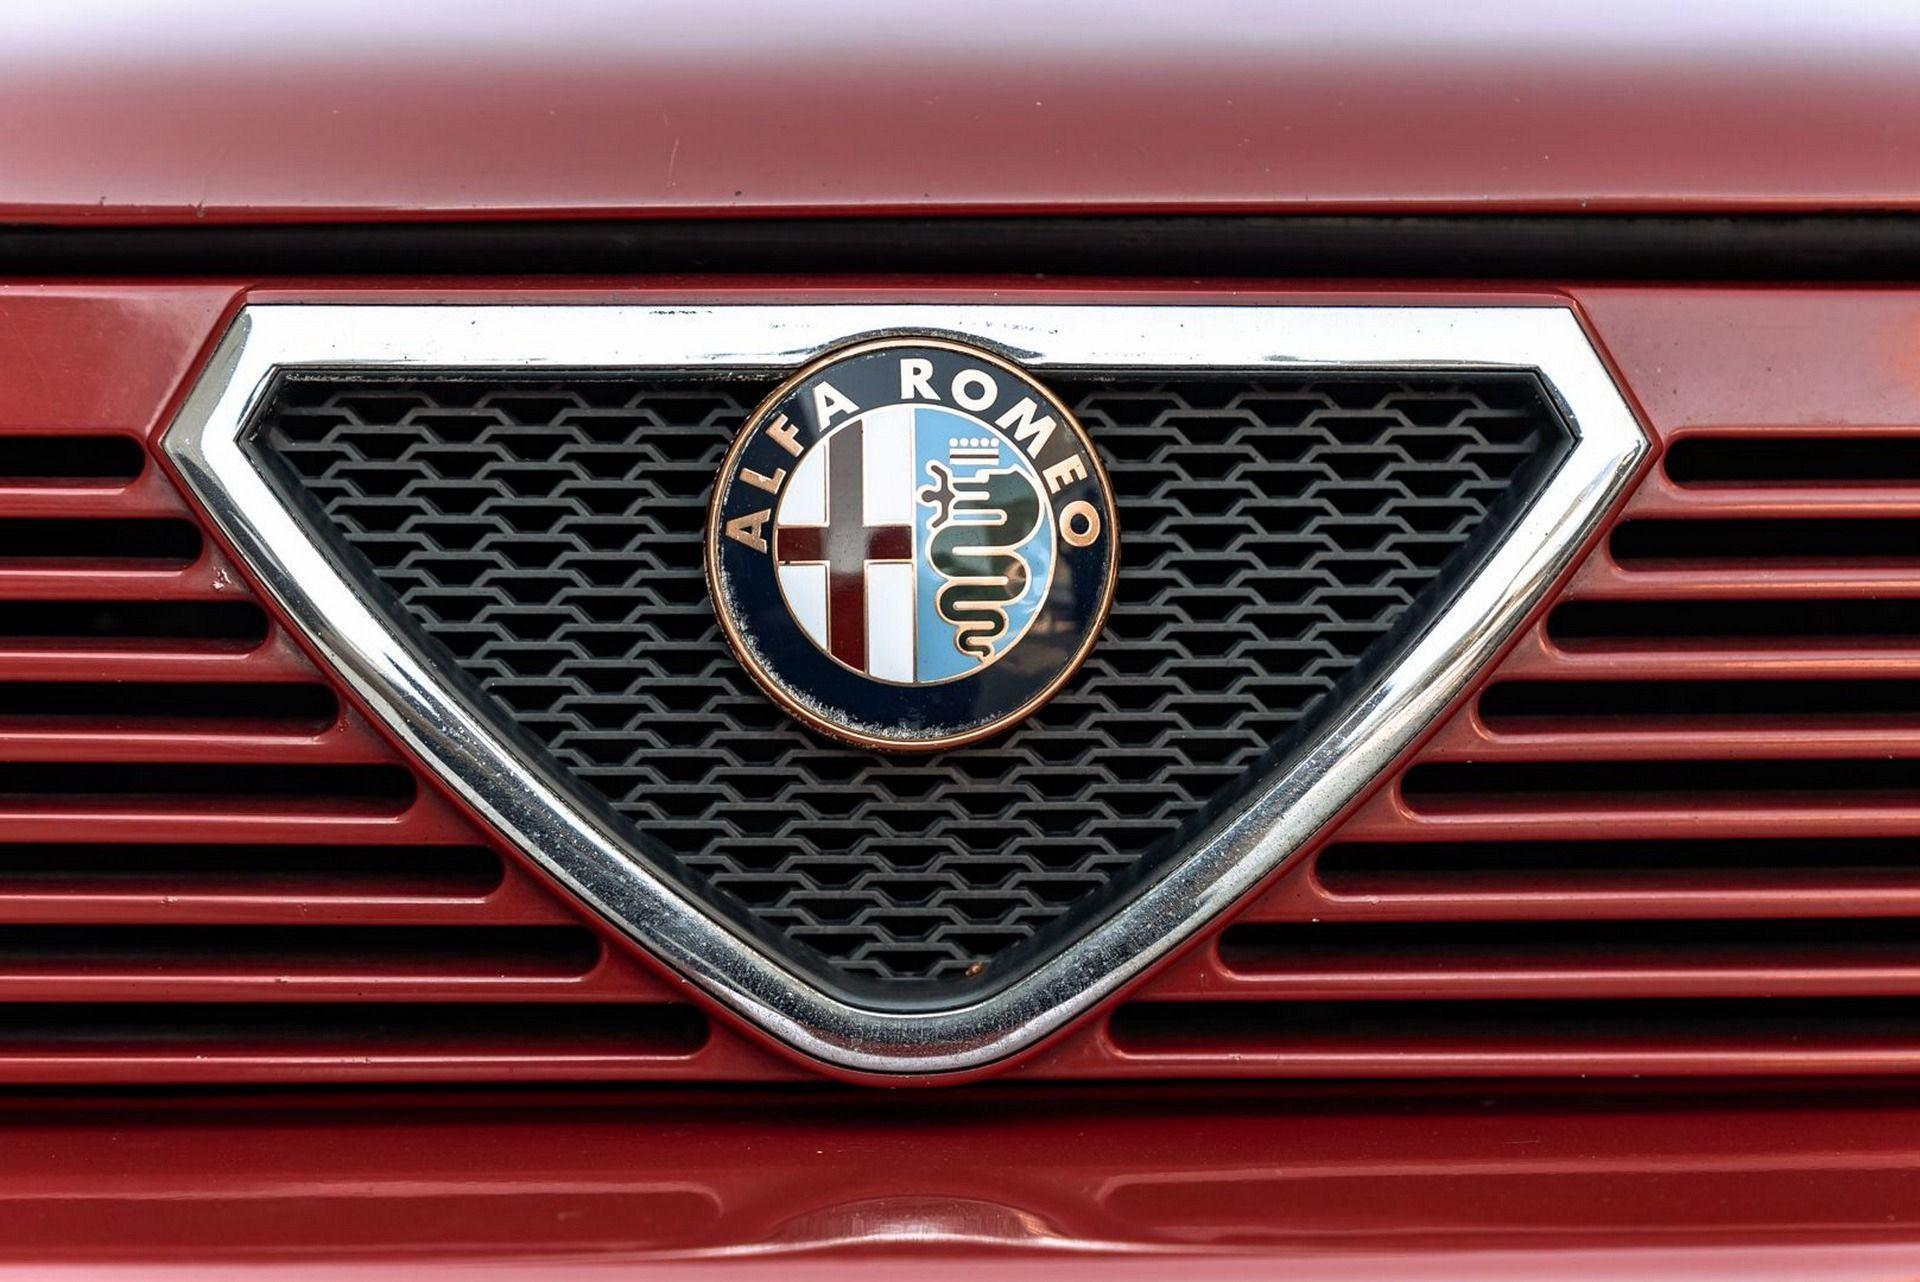 1987_Alfa_Romeo_75_Turbo_Evoluzione_sale-0000